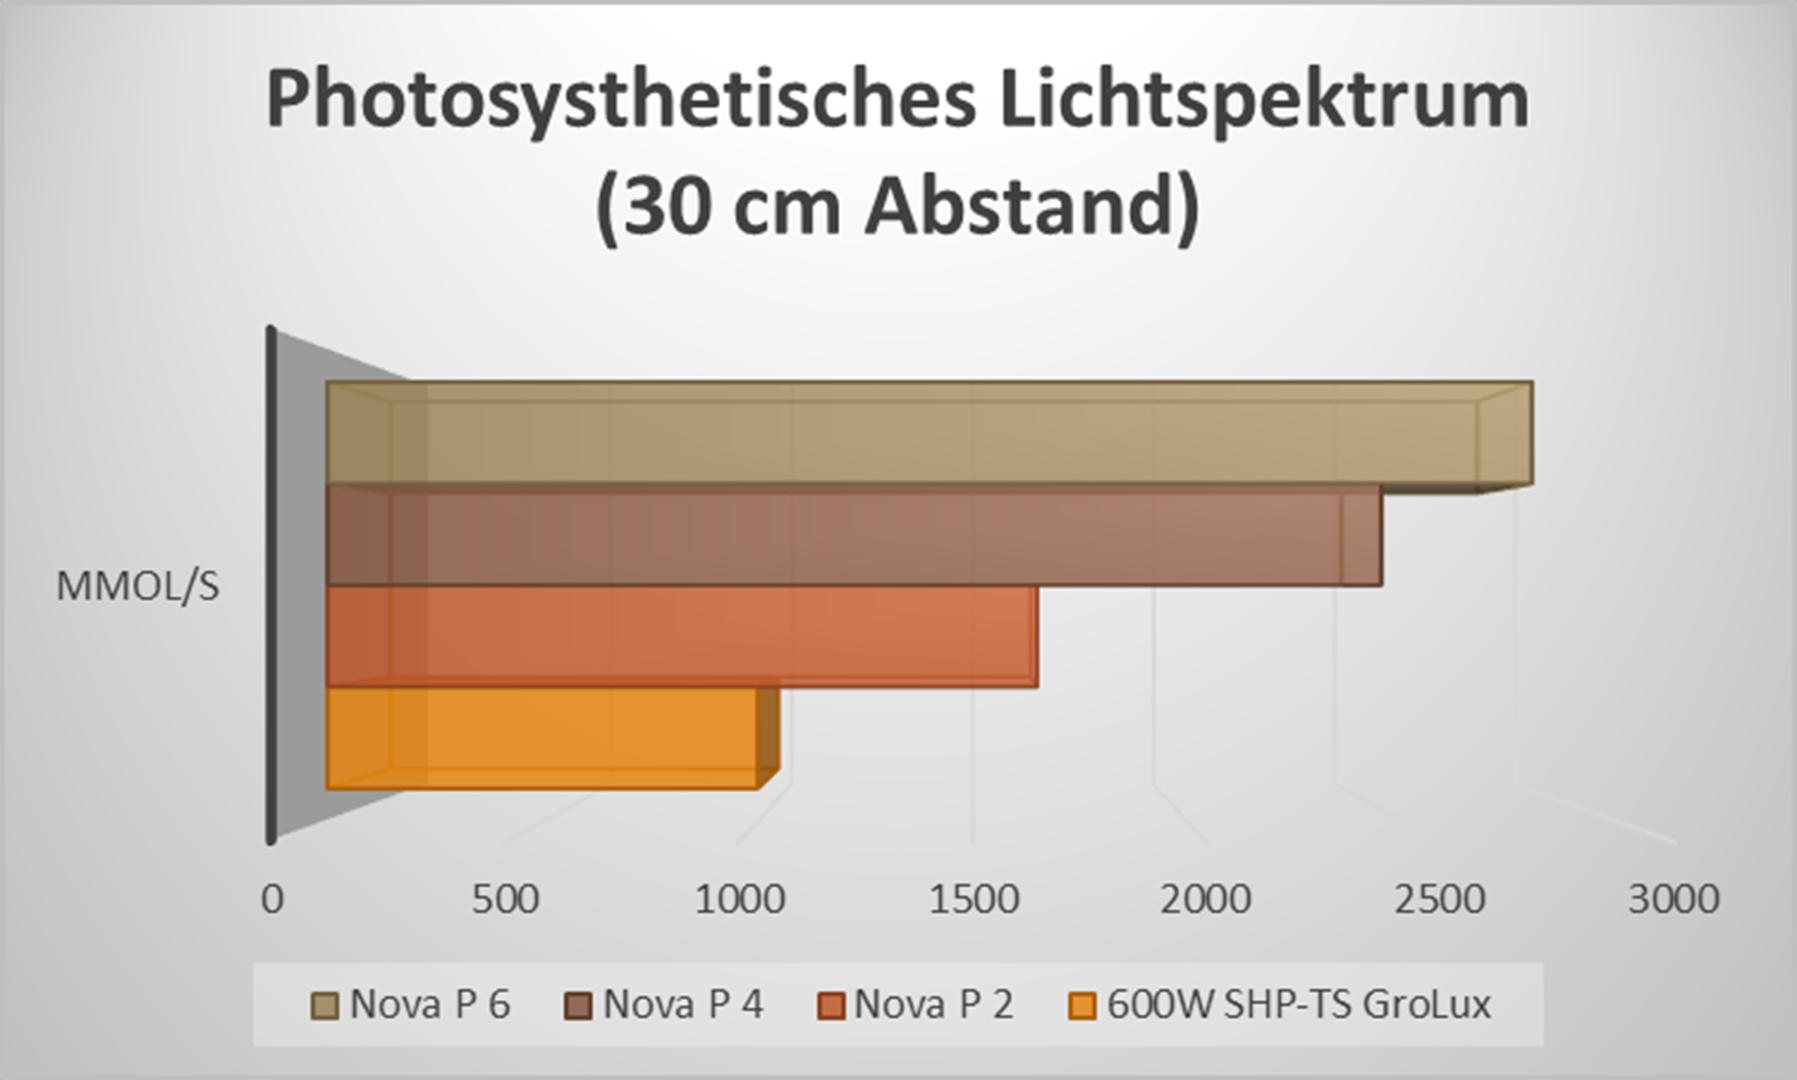 LED-vs-NDL Lichtspektrum bei 30cm